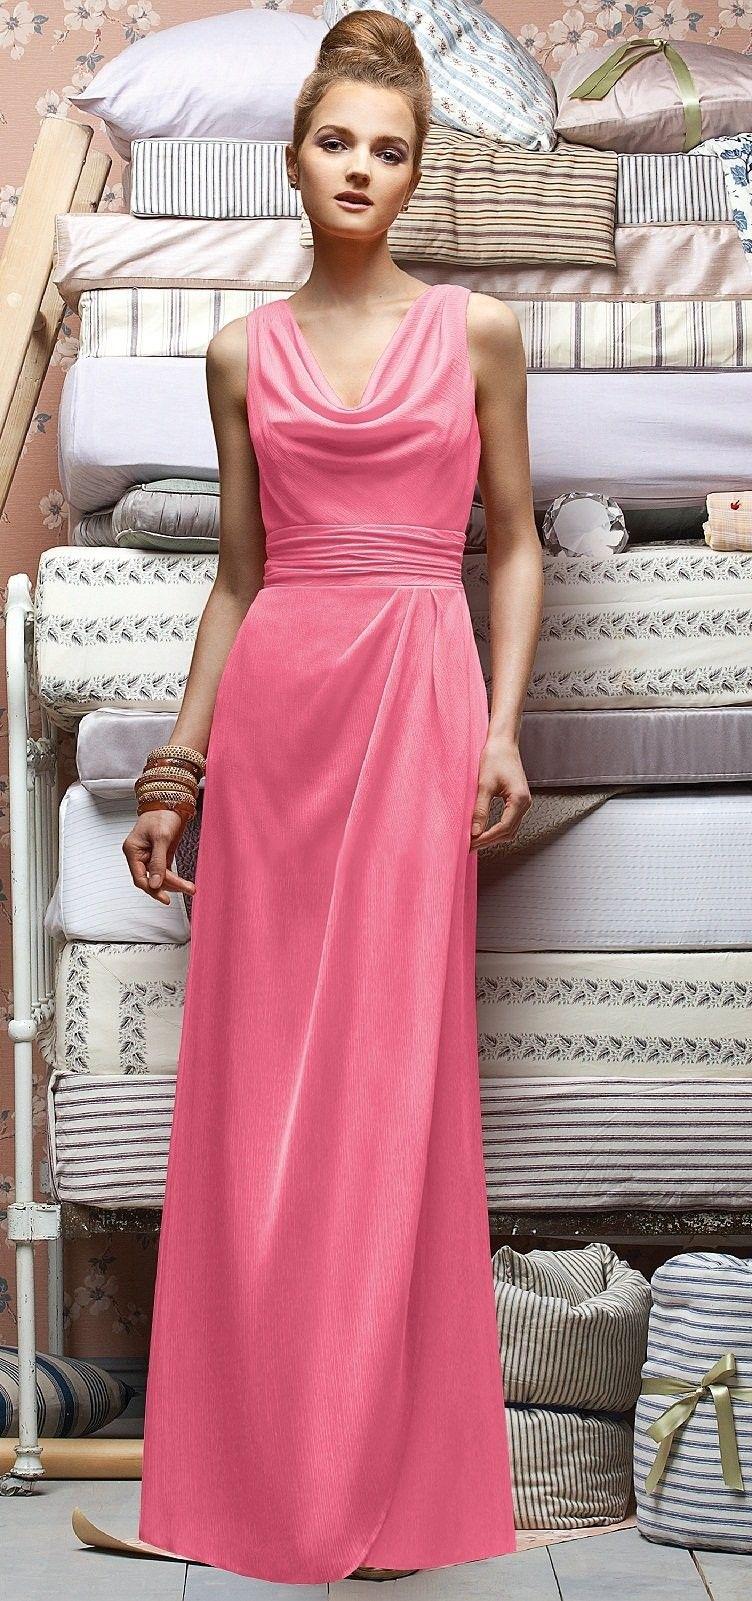 Lela Rose LX154 Punch | Wedding Party | Pinterest | Lela rose and ...